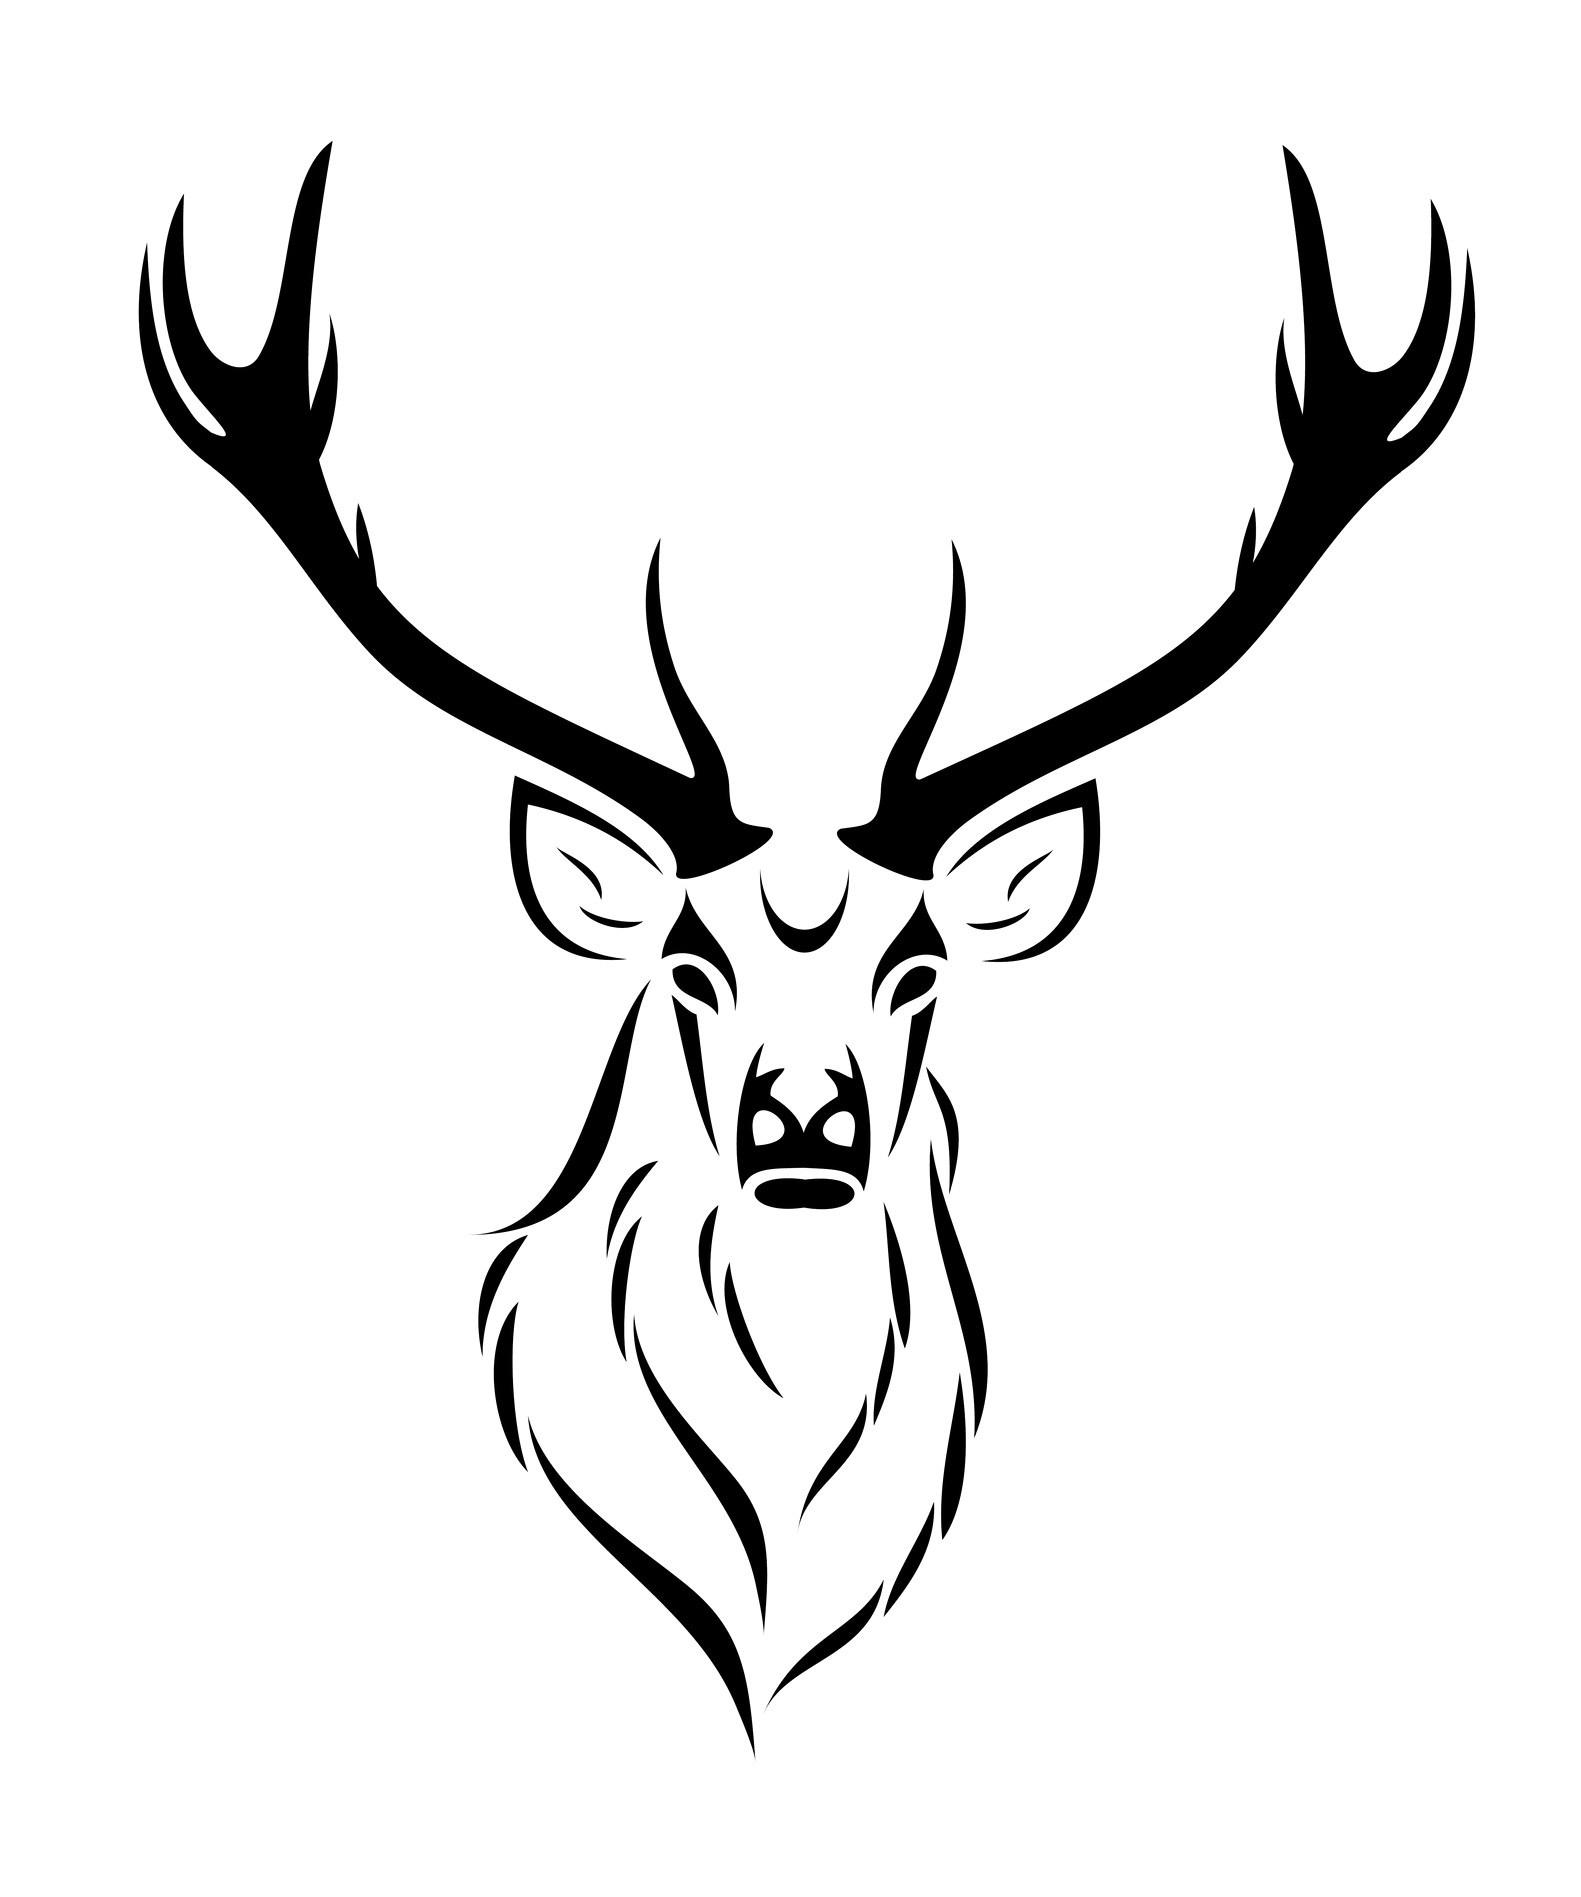 1581x1897 Inspirational Black Deer Head Tattoo Stencil Tribal Tatoo Tribal